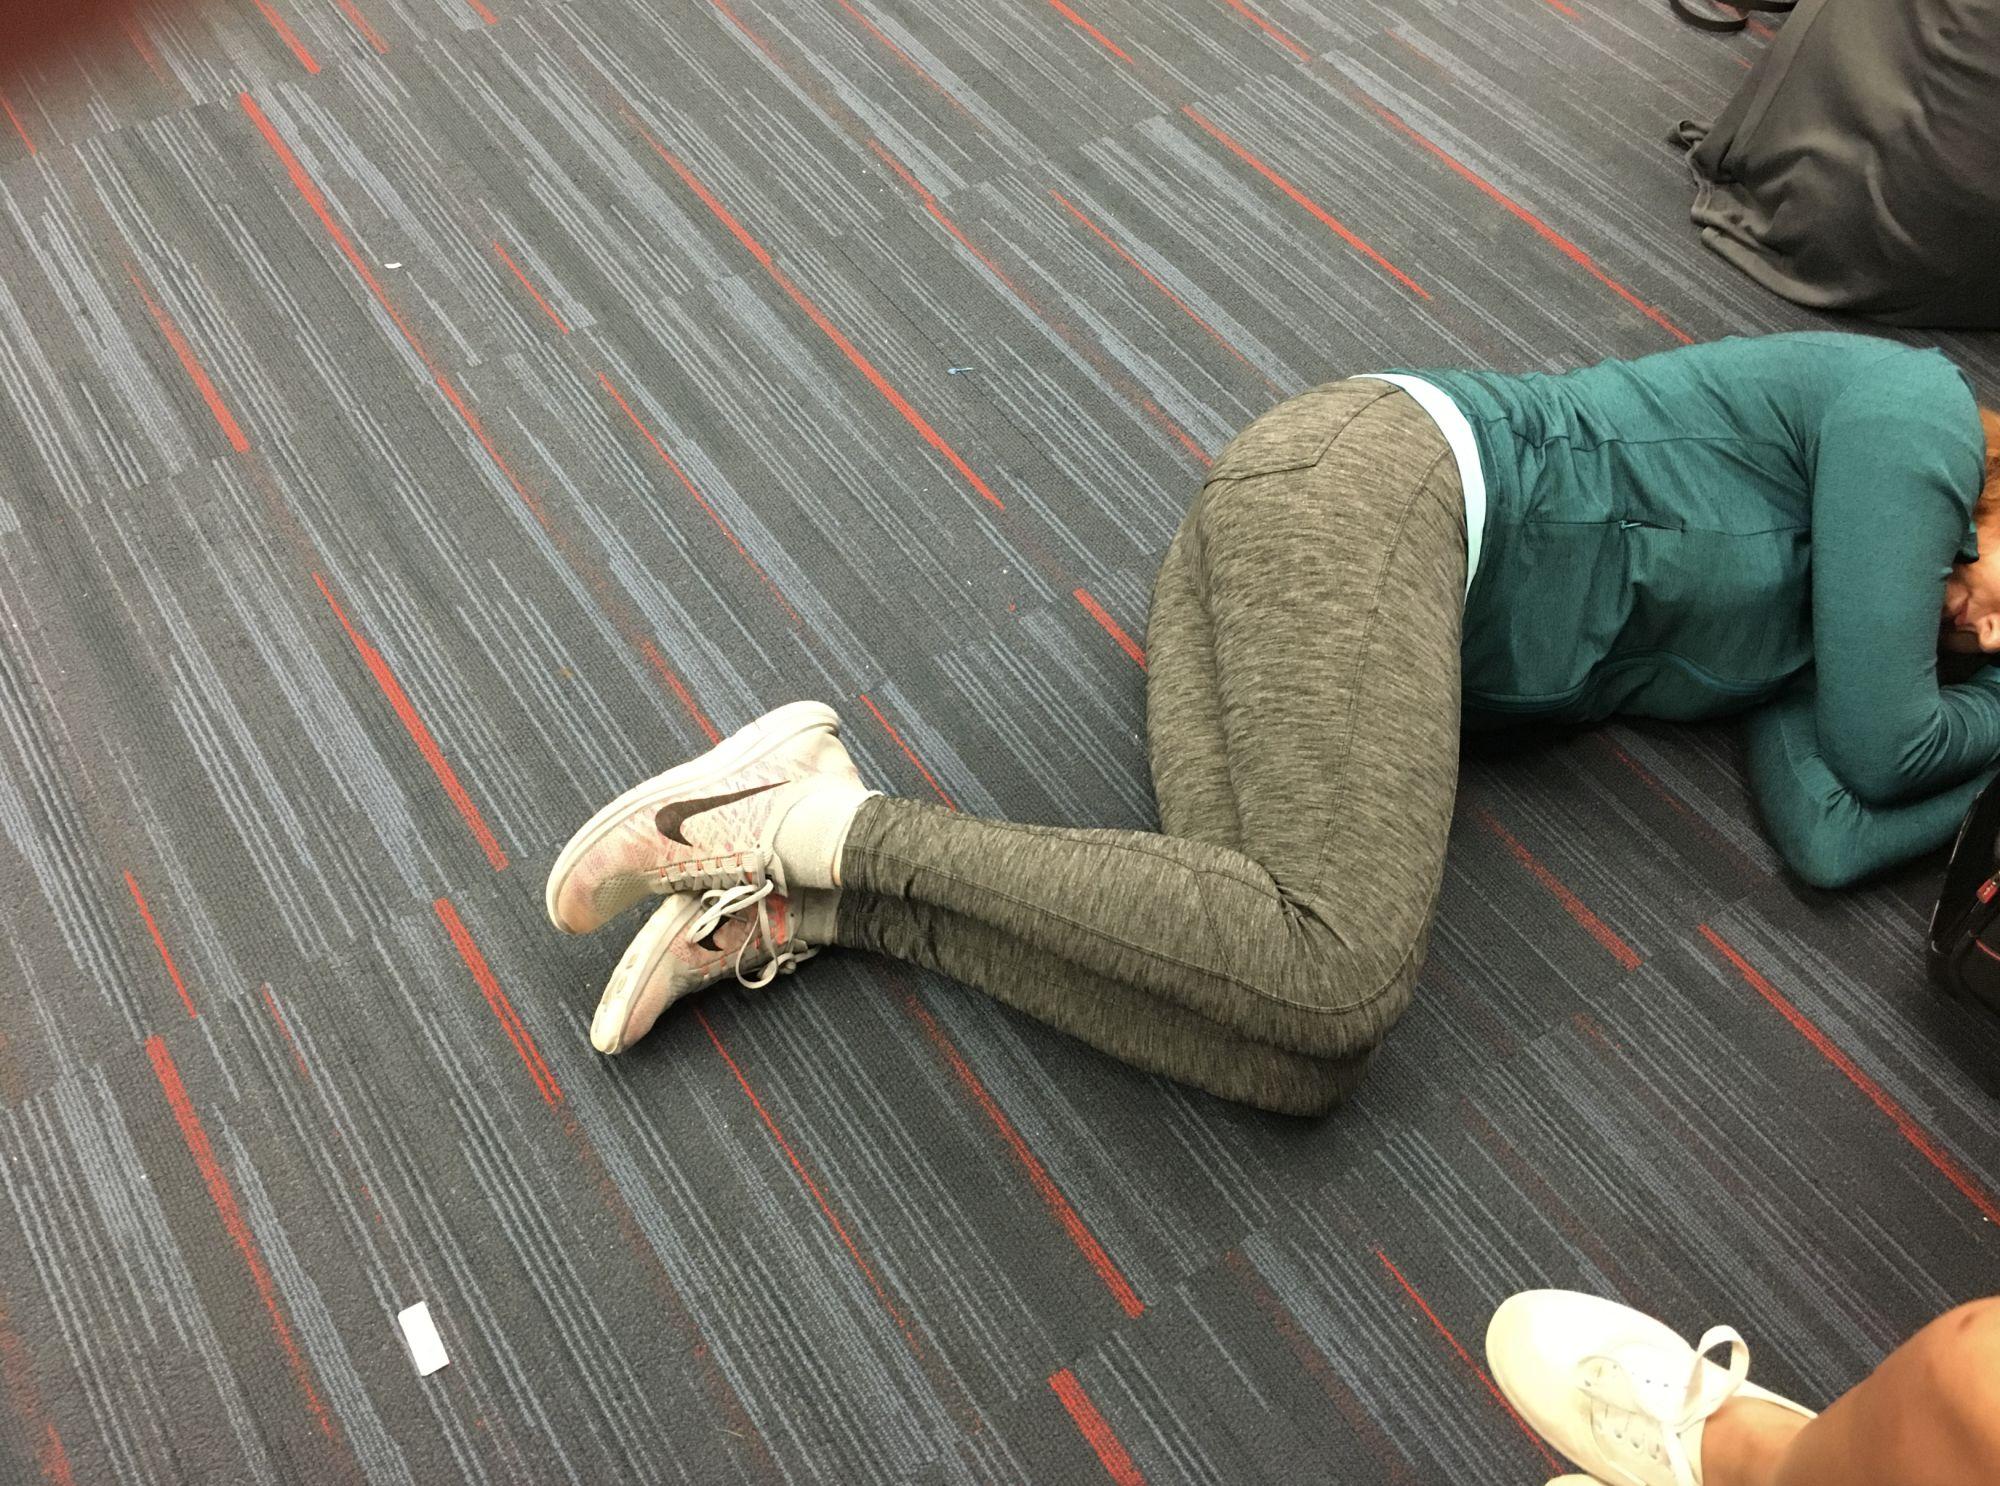 05-Vinnie-Airport-Sleeping-2.jpg